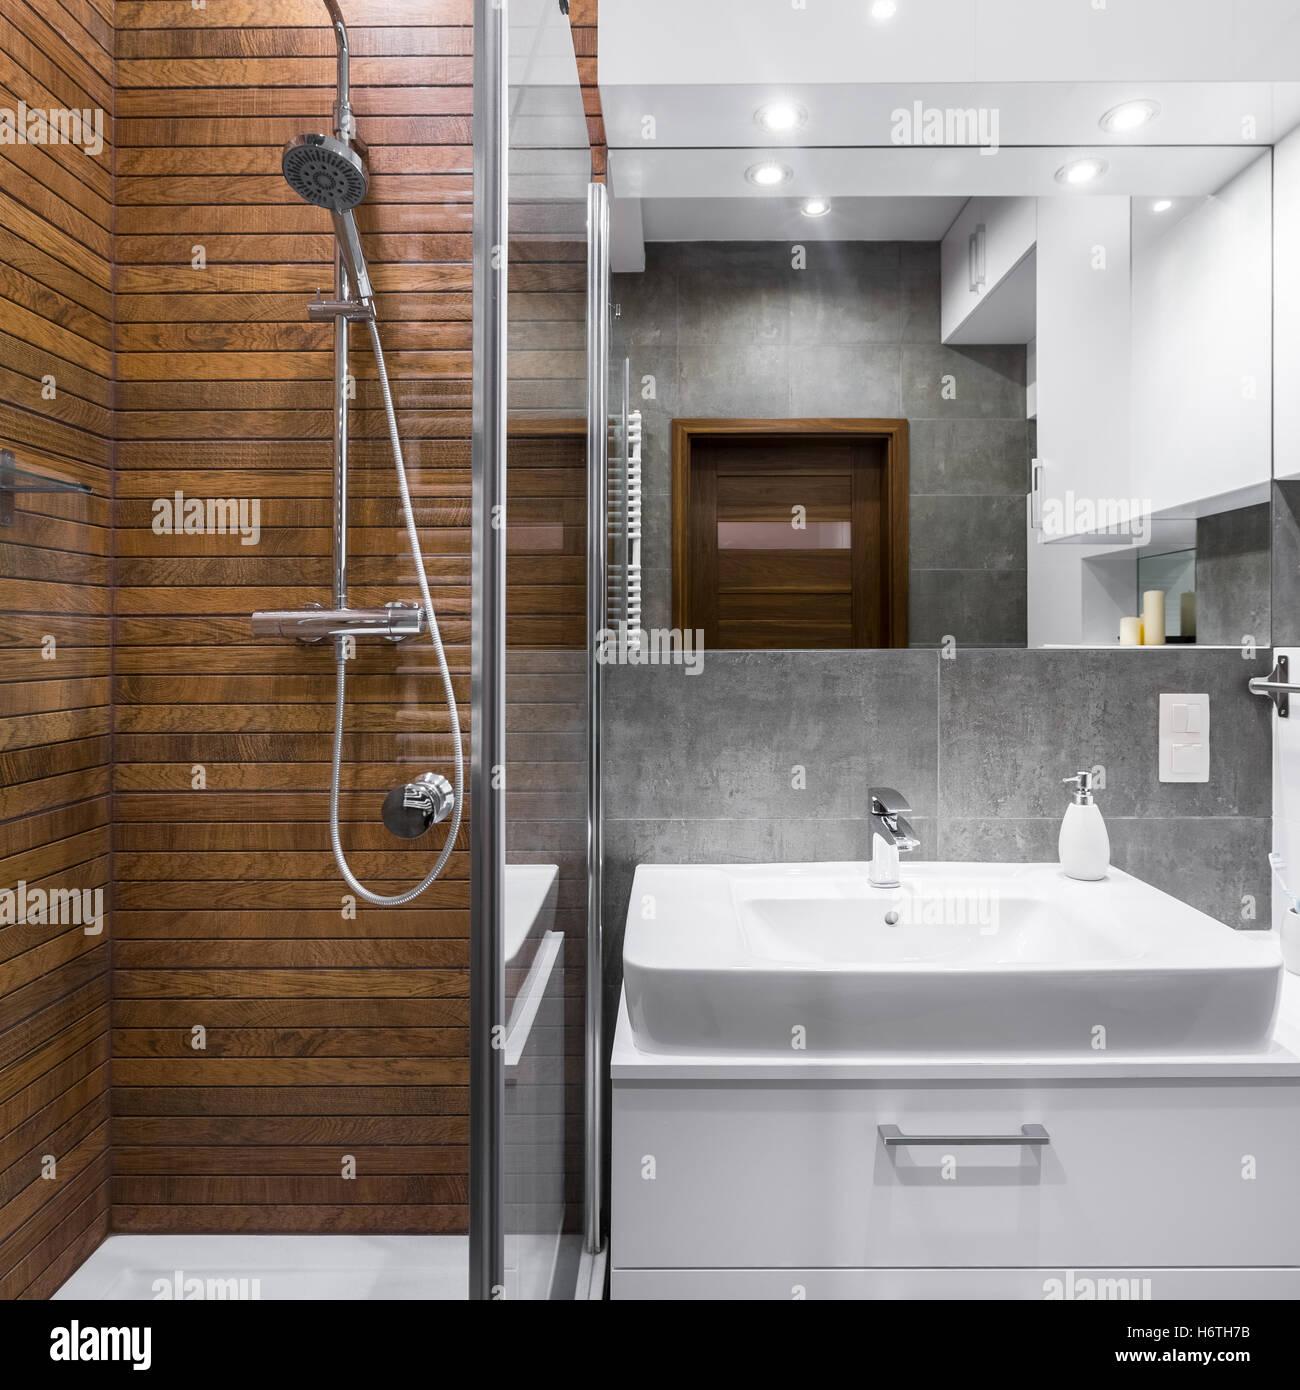 Neuer Stil Badezimmer Mit Holzeffekt Fliesen, Dusche, Spiegel Und  Waschbecken